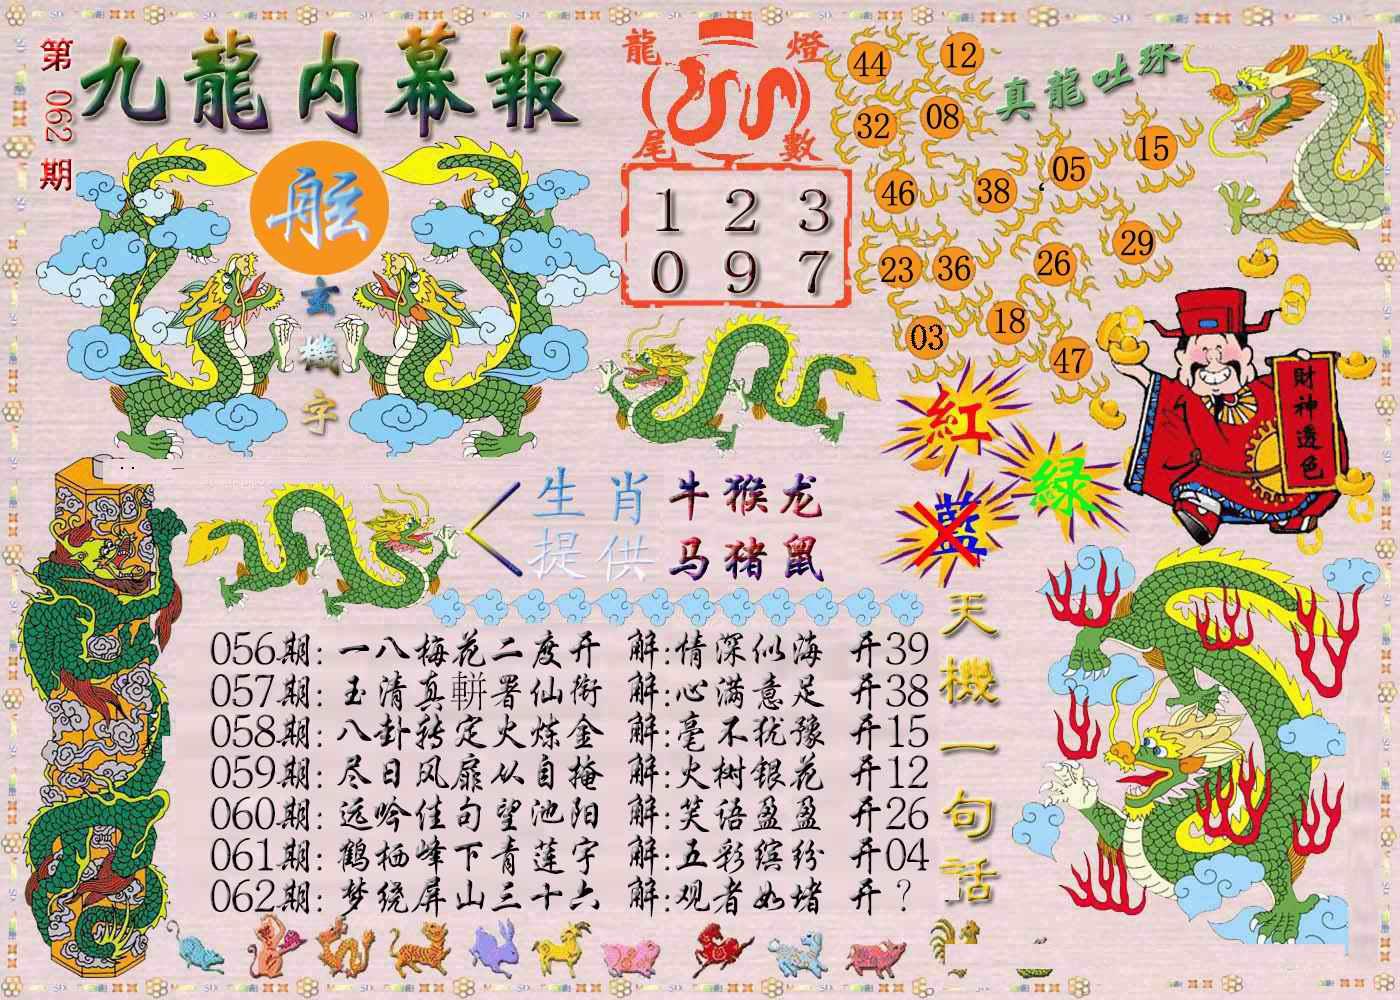 062期九龙内幕报